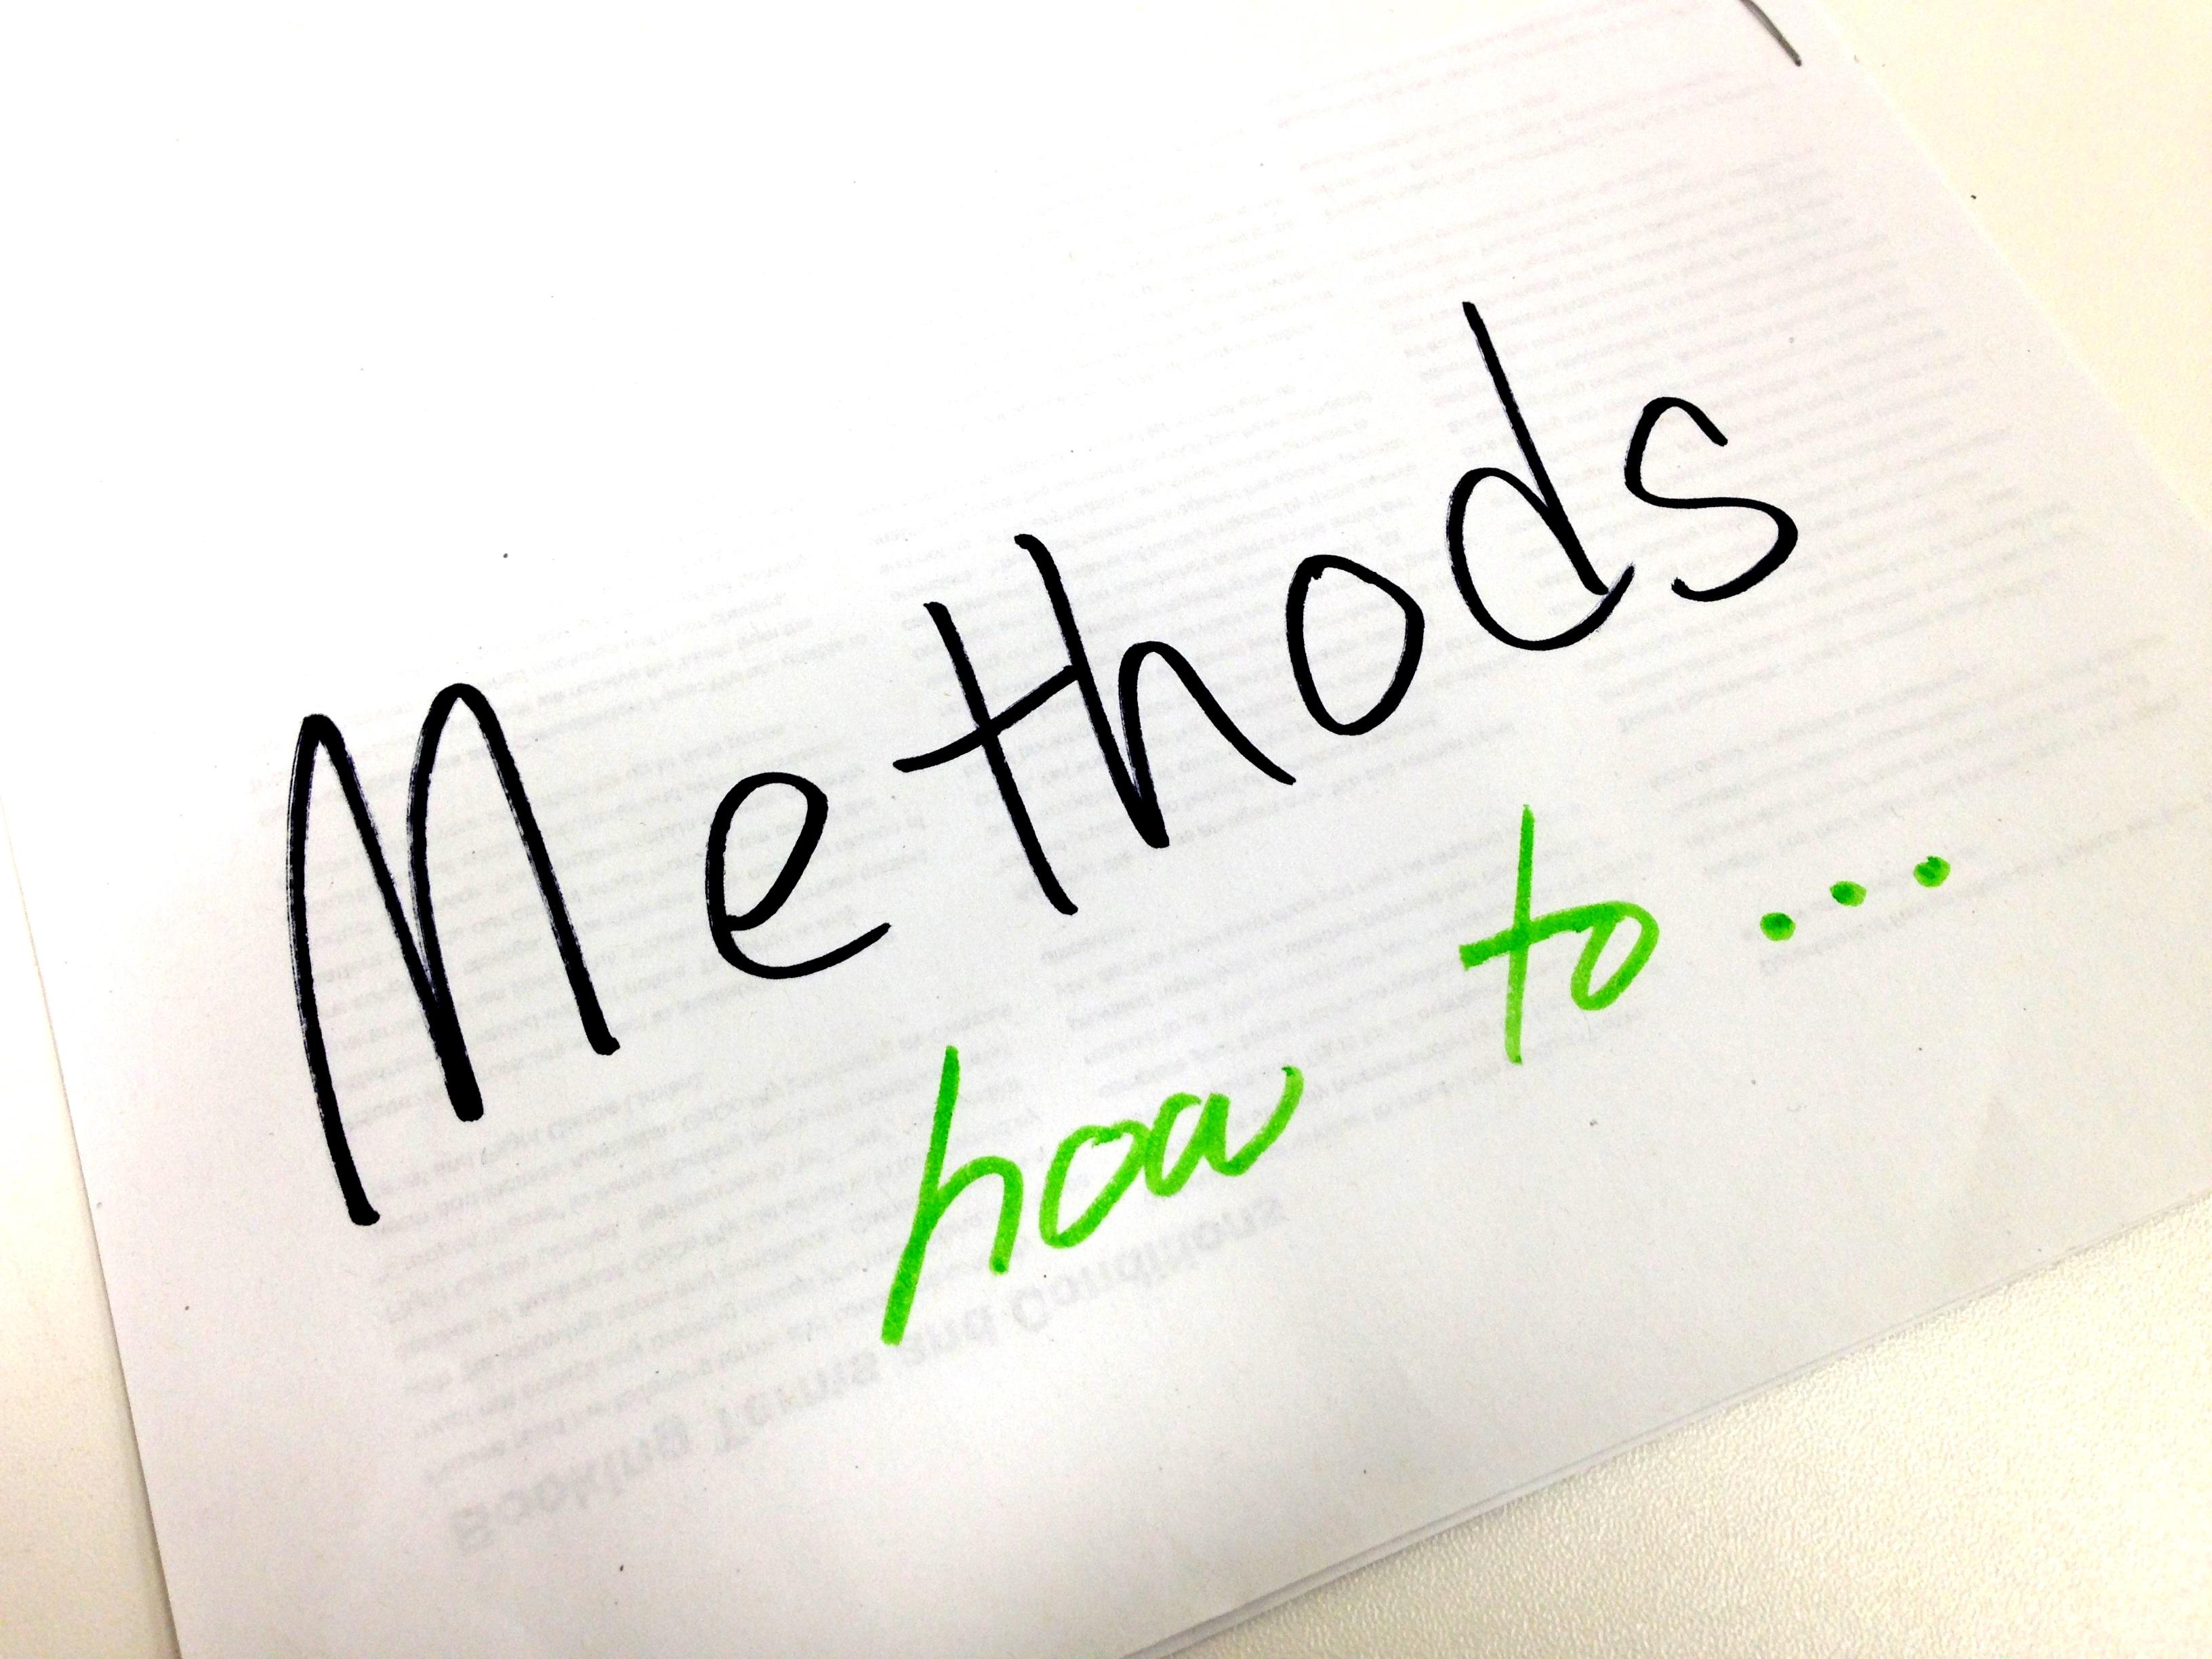 Methods of Generating New Ideas for Entrepreneurs